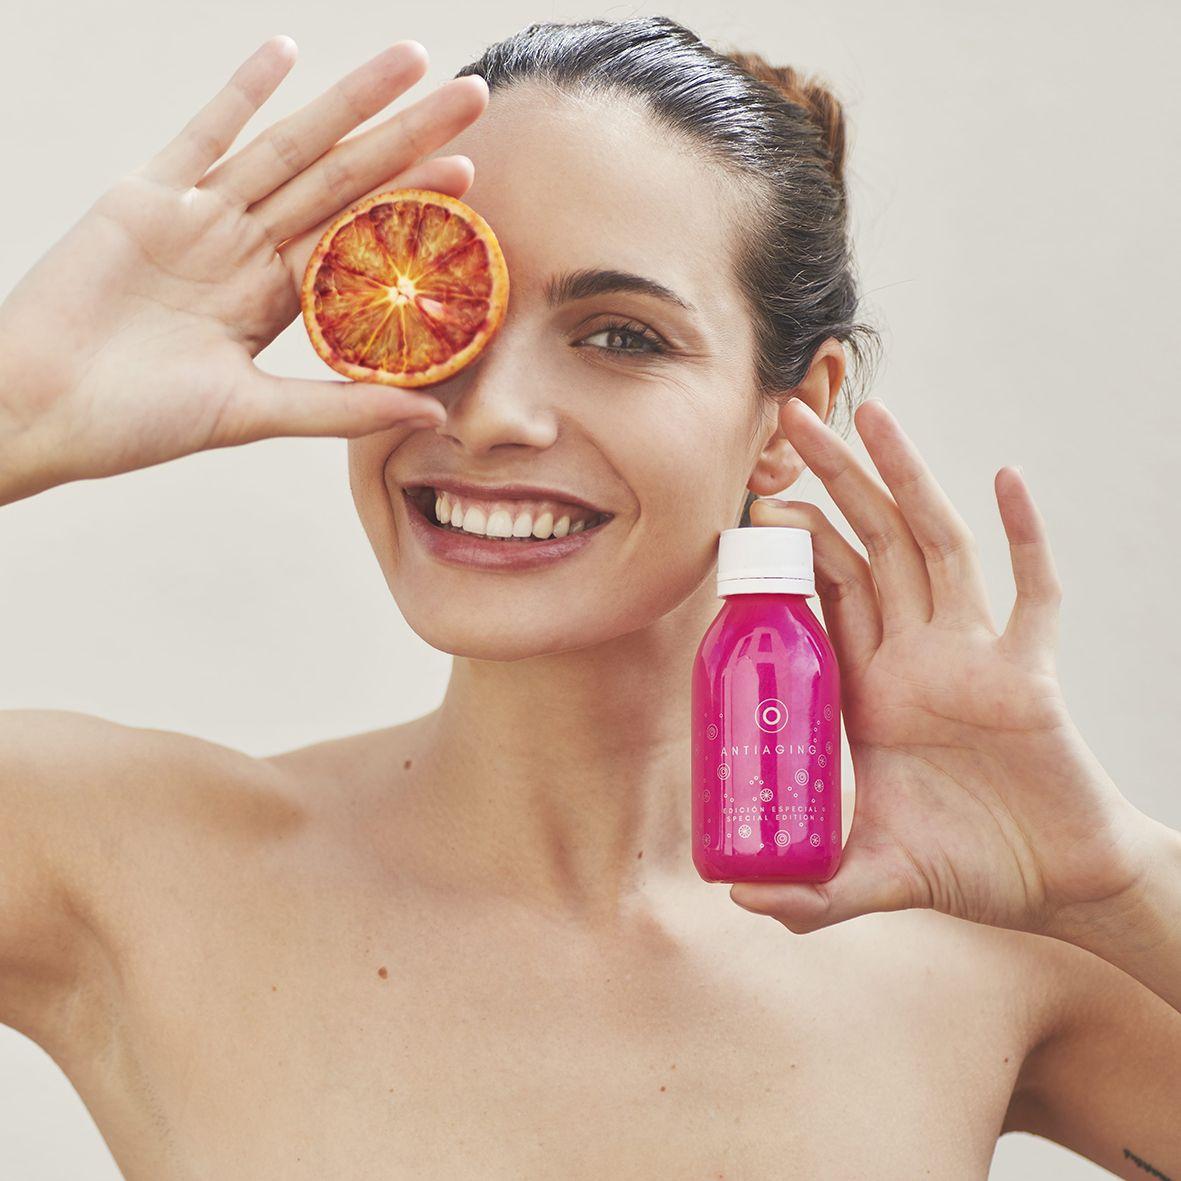 AORA Health demuestra la eficacia del cuidado de la piel desde el interior del organismo